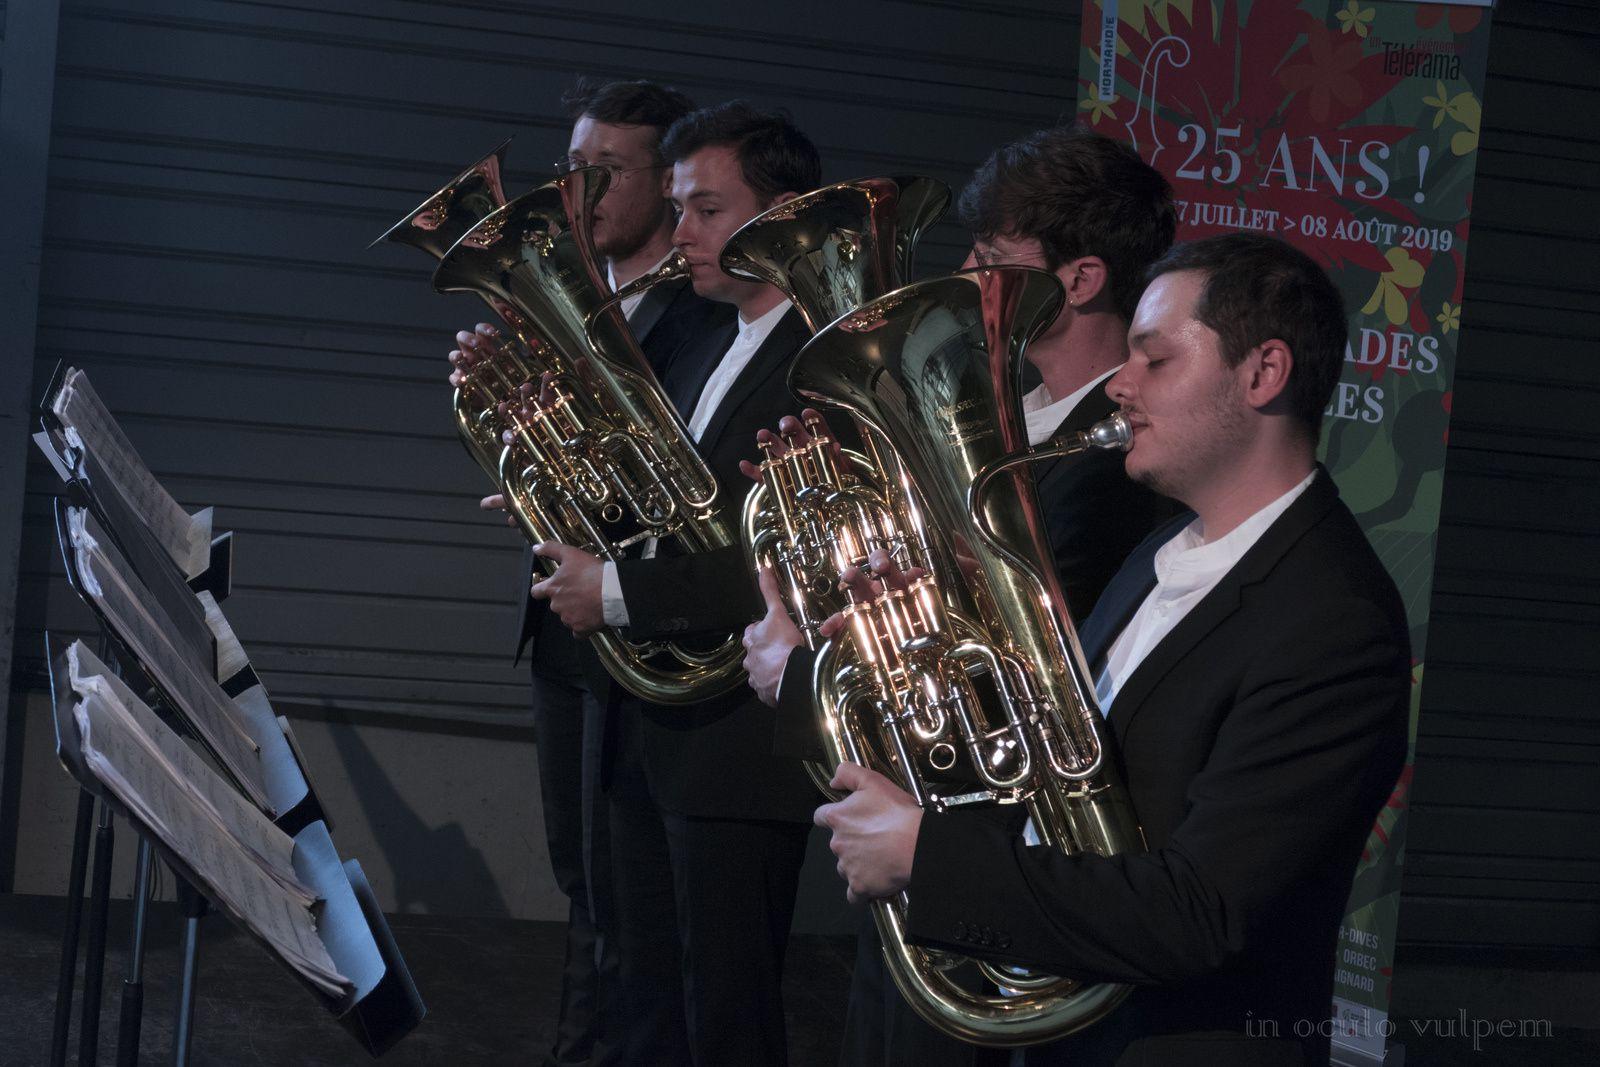 Les Promenades Musicales du Pays d'Auge. Opus 333; Saxhorns : Vianney Desplantes, Jean Daufresne, Patrick Wibart, Corentin Morvan. Usine Axe, Lisieux/Saint-Désir.